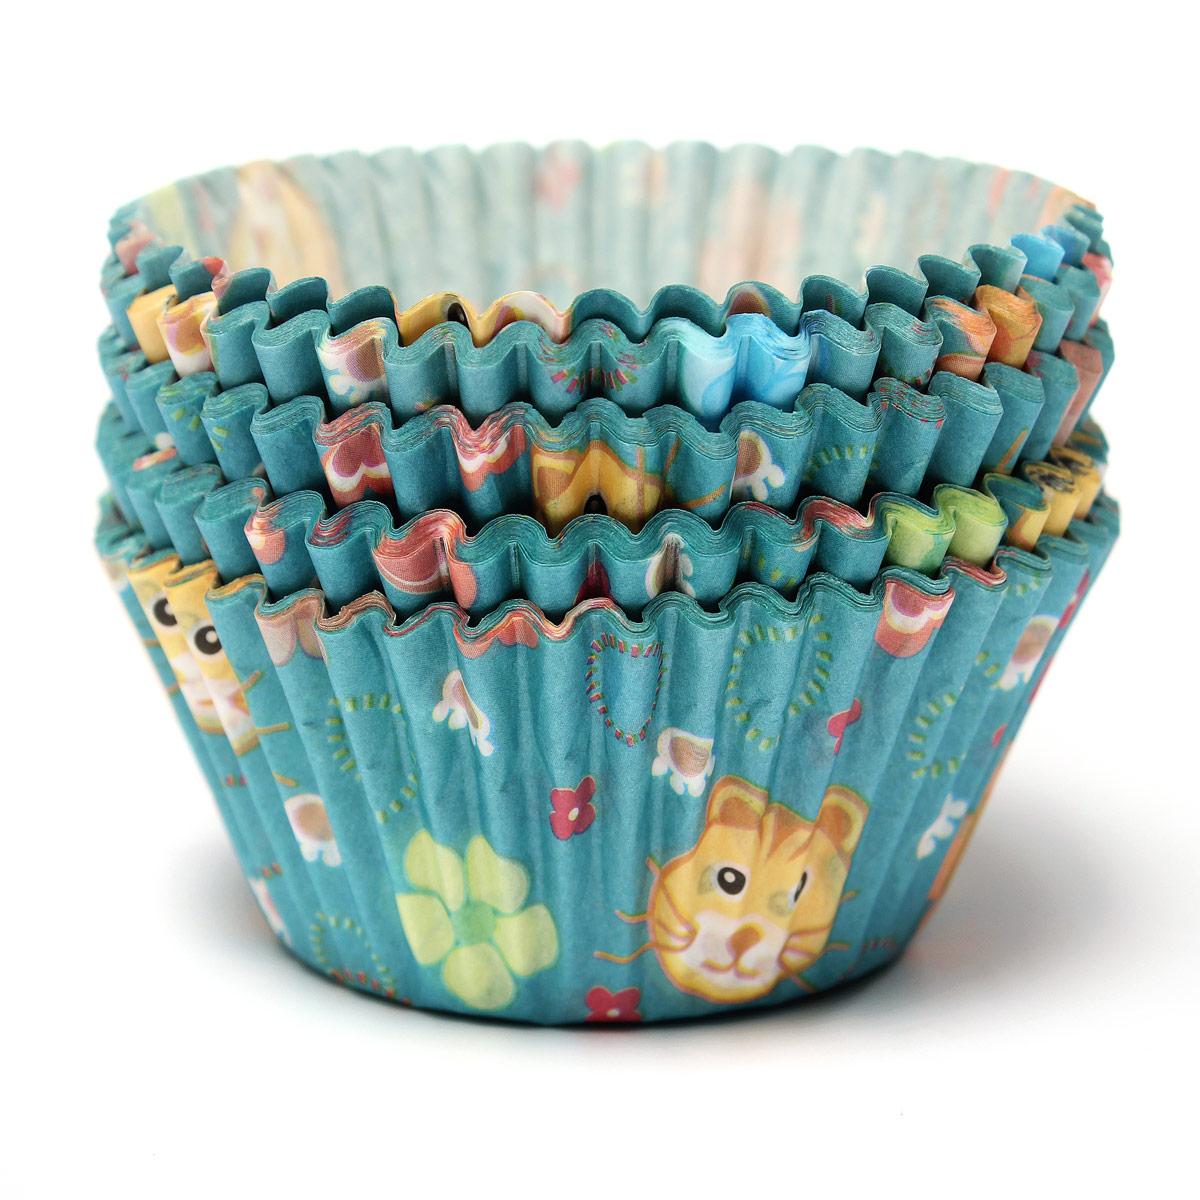 100PZ Pirottini in Carta per Muffin o Cupcake Torte Forno Decorazione Baking Cup